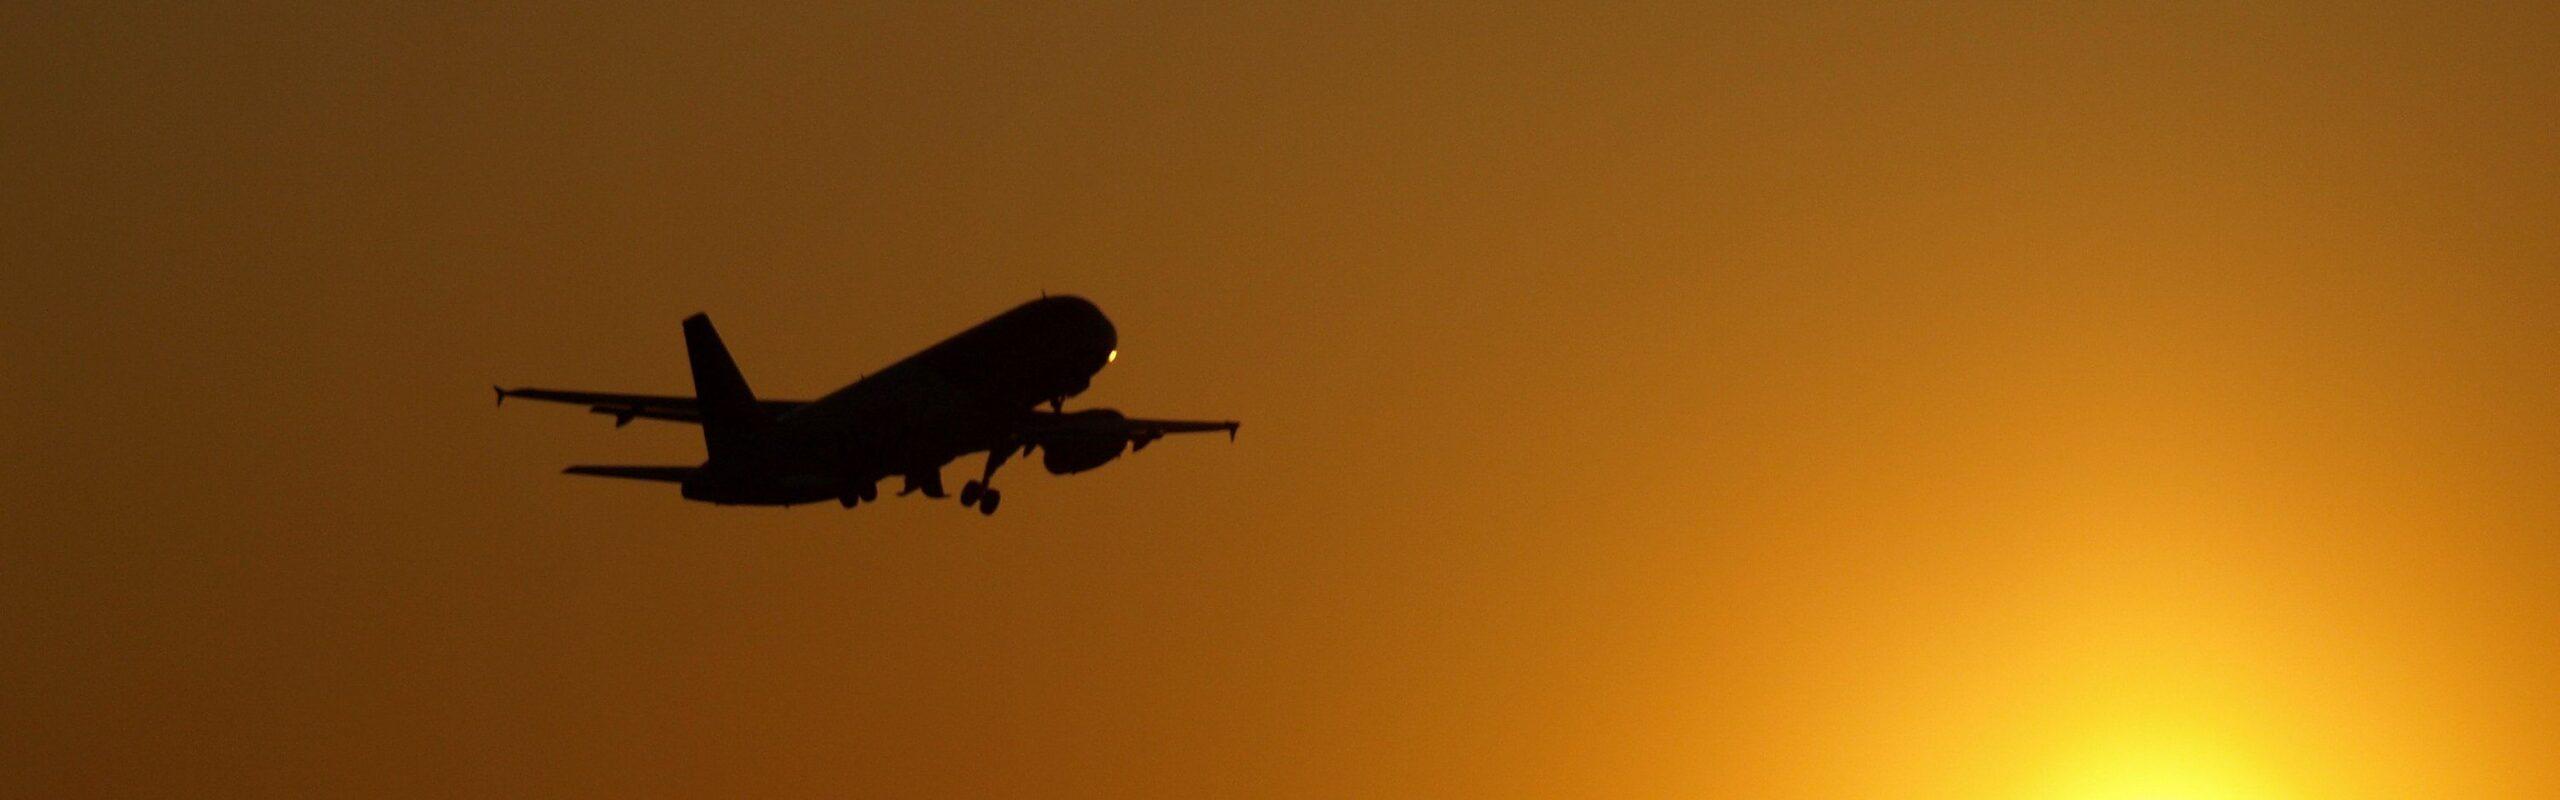 Bon ton da viaggio: le buone maniere in aereo e all'aeroporto